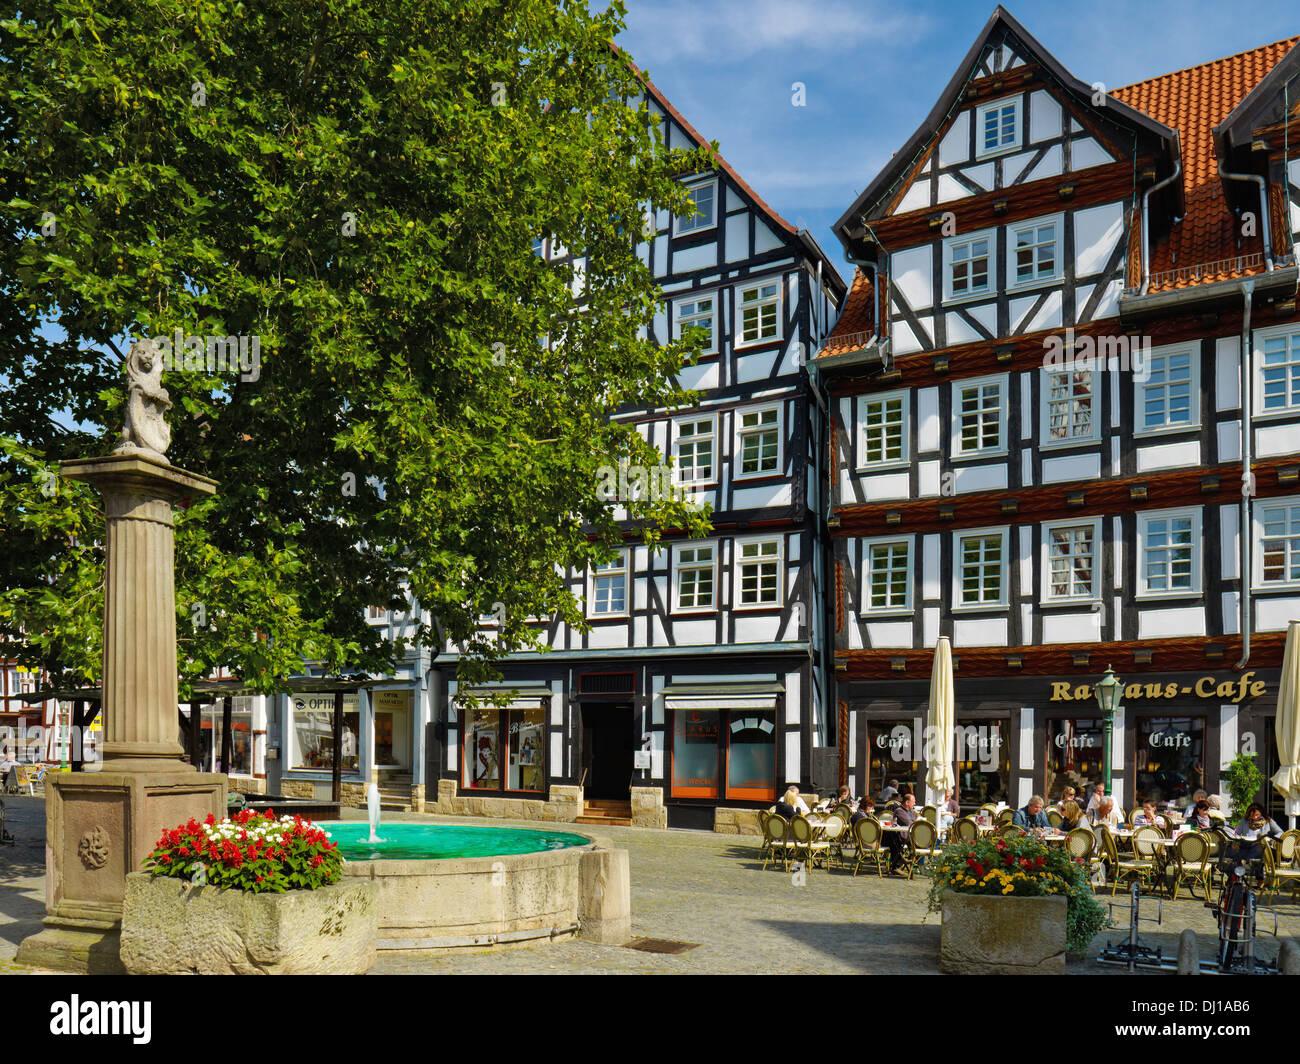 Weihnachtsmarkt Melsungen.Fachwerkhäuser Am Markt Platz Melsungen Hessen Deutschland